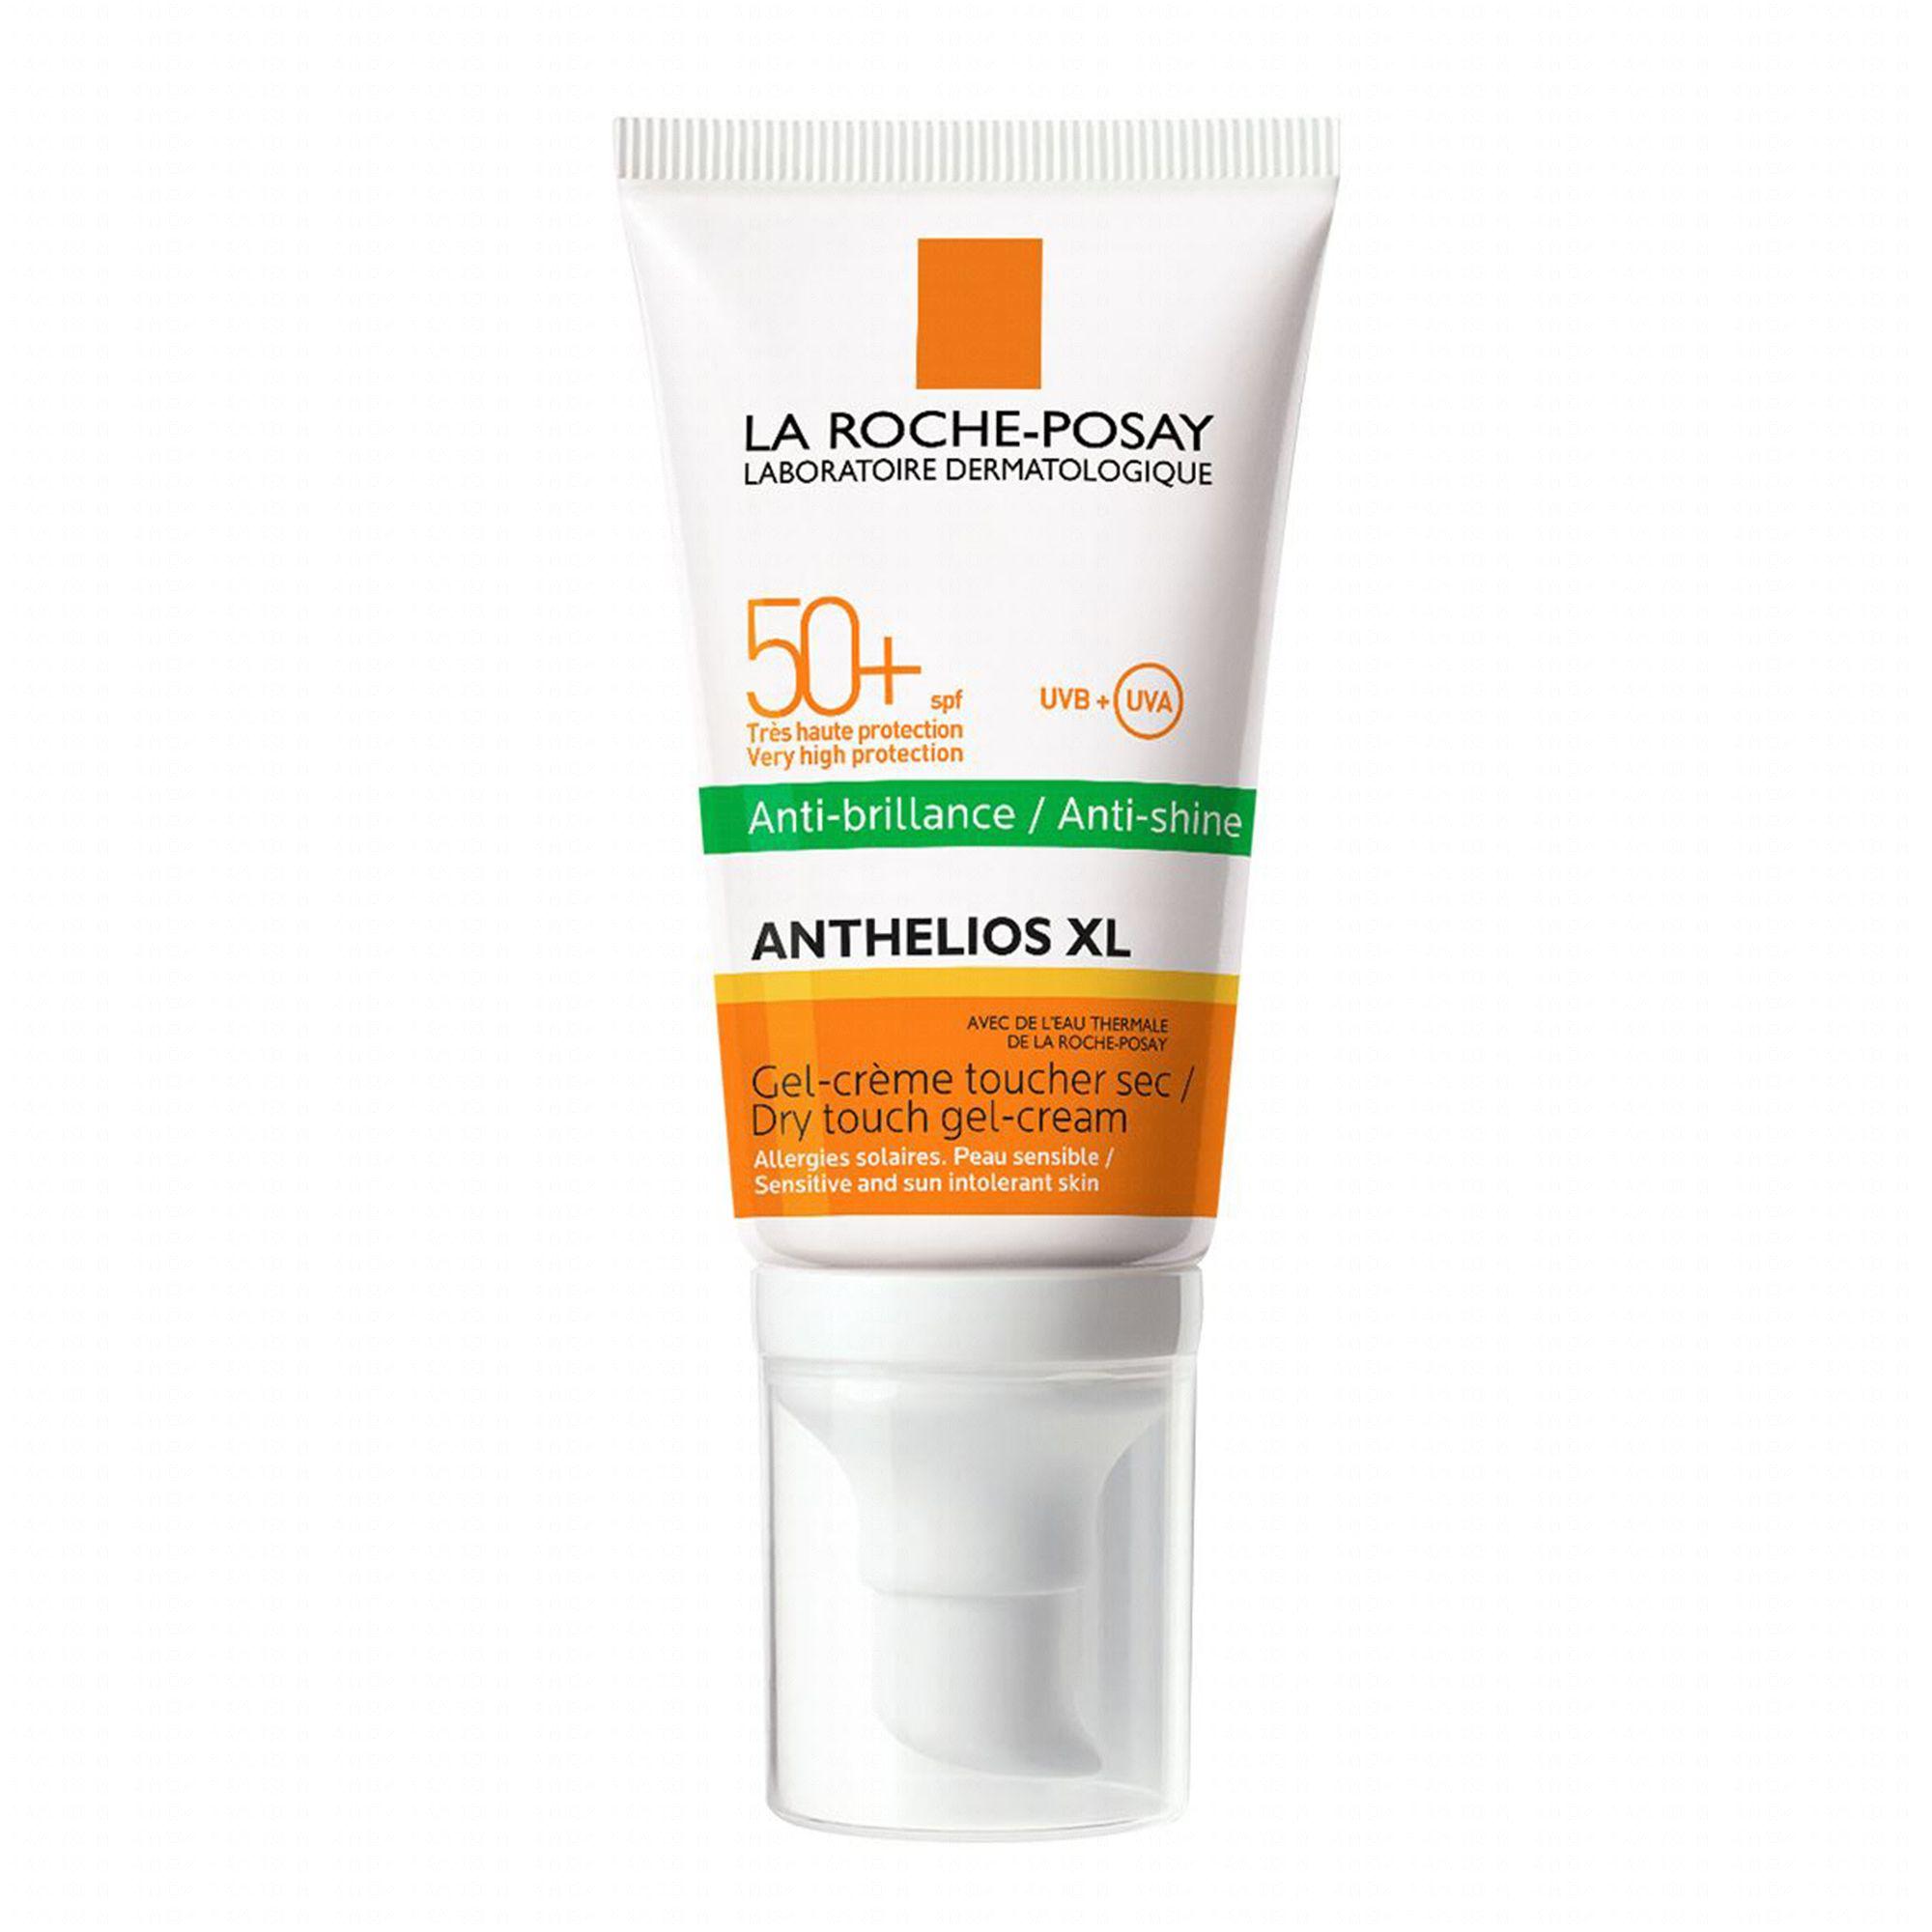 La Roche posay Anthelios XL anti-brillance gel/crème toucher sec spf 50 (50 ml)